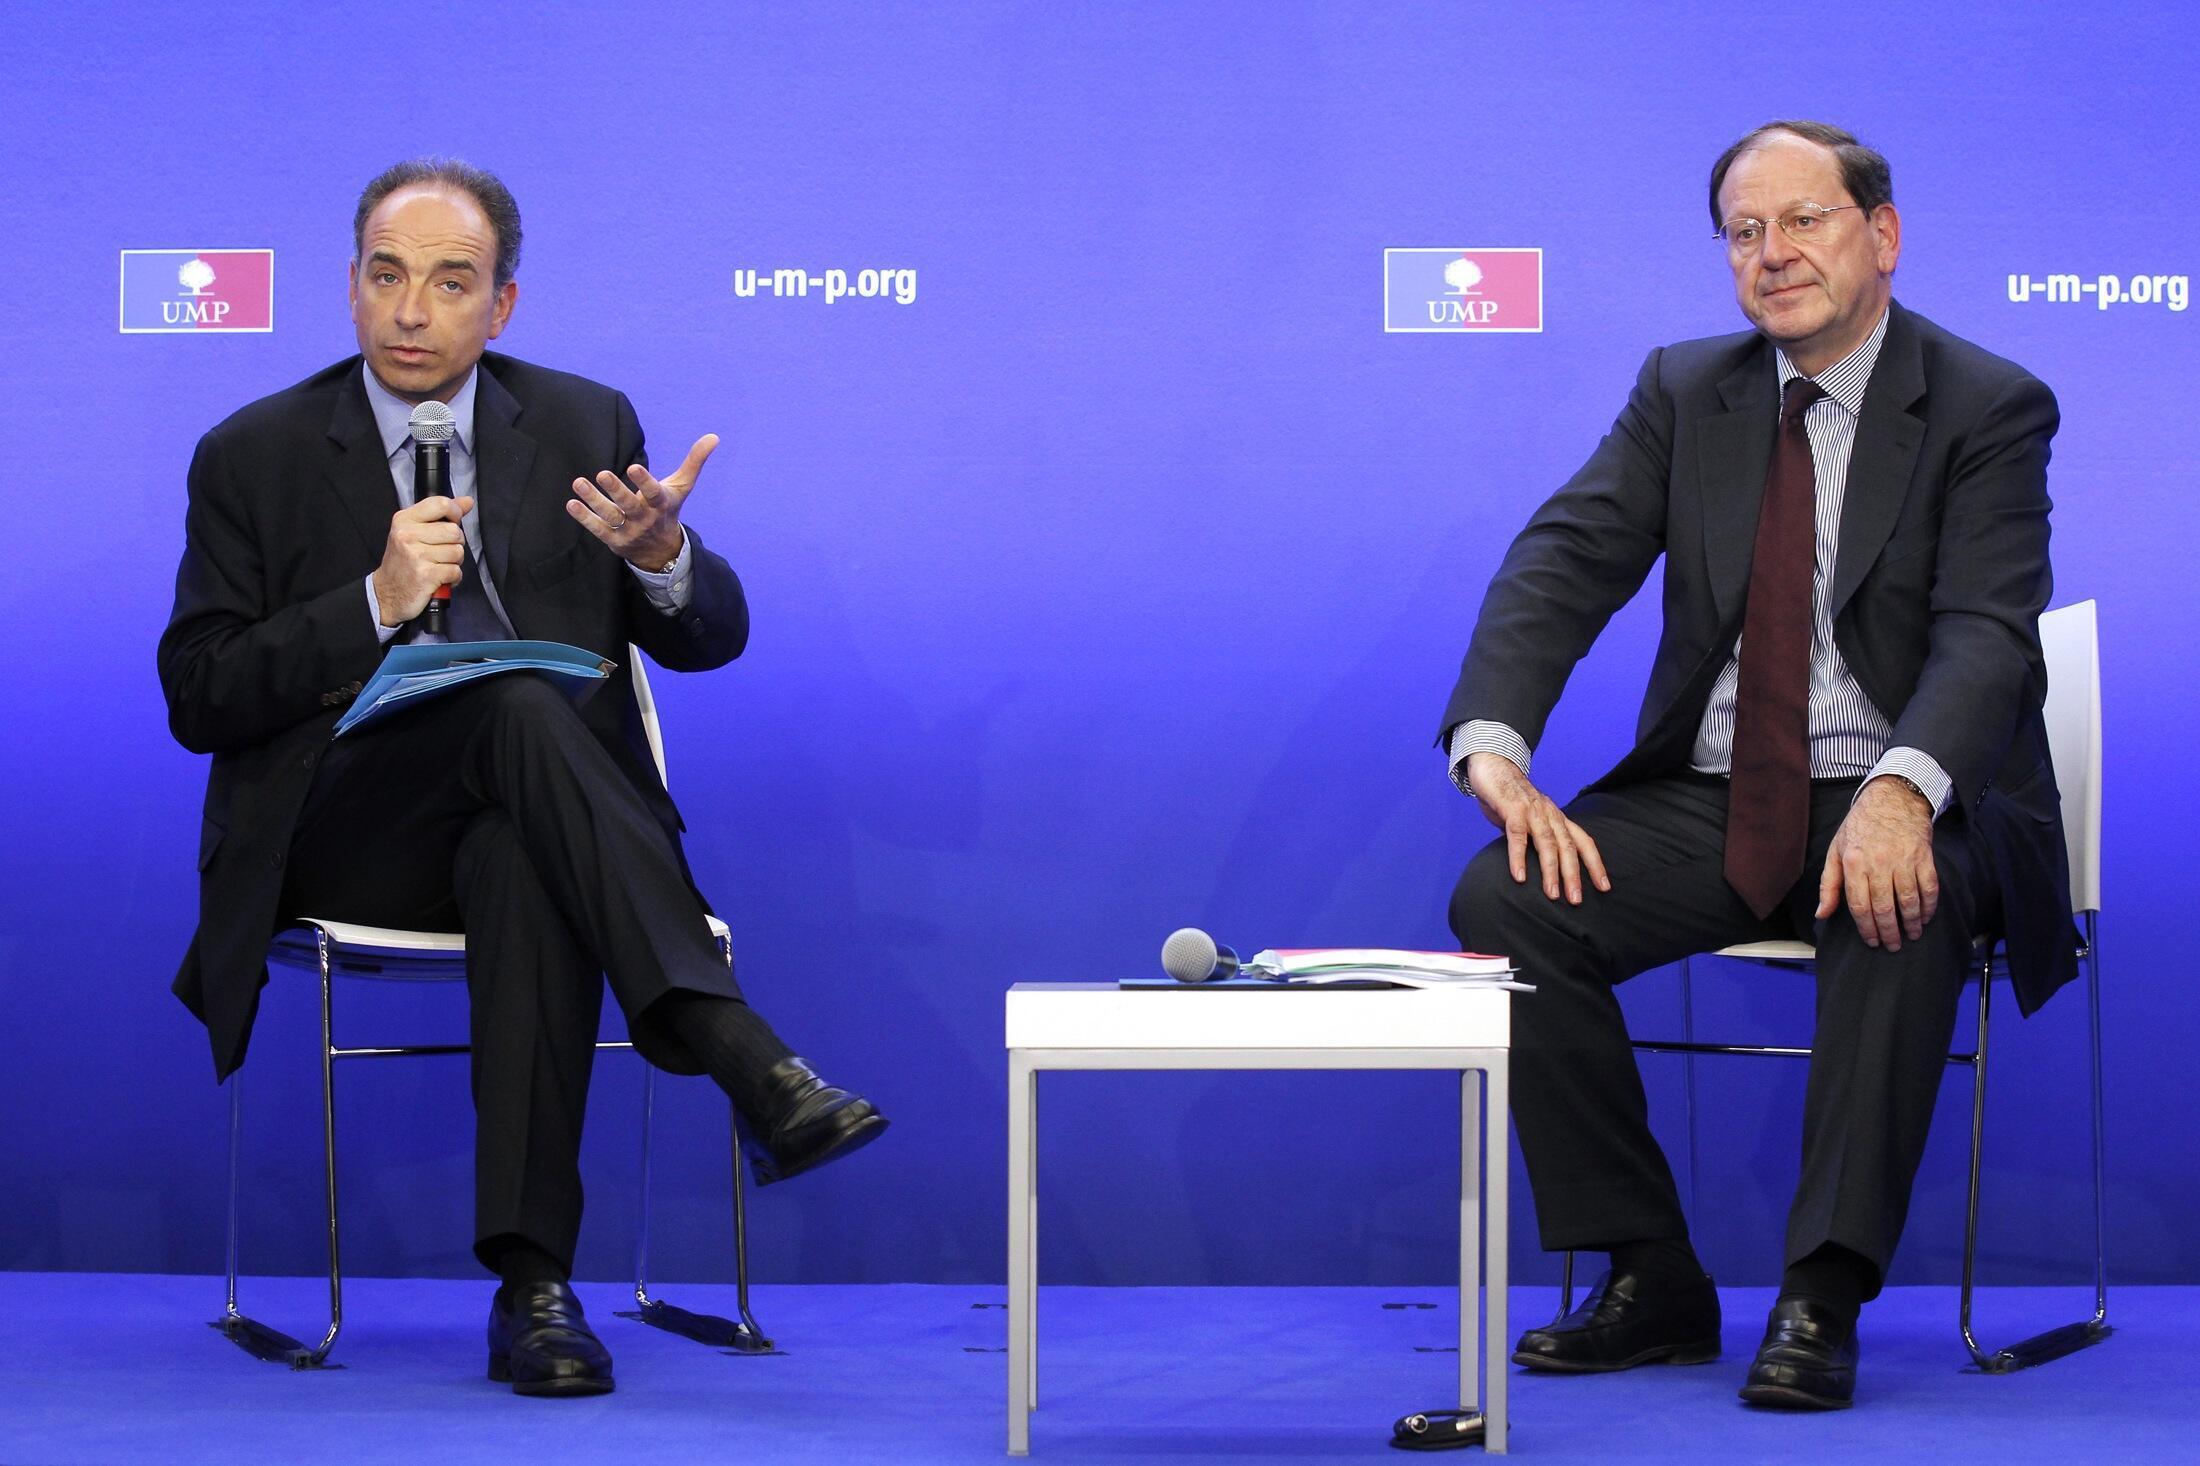 Líderes do UMP Jean-François Copé e Hervé Novelli falam à imprensa após a reunião de 10 de maio